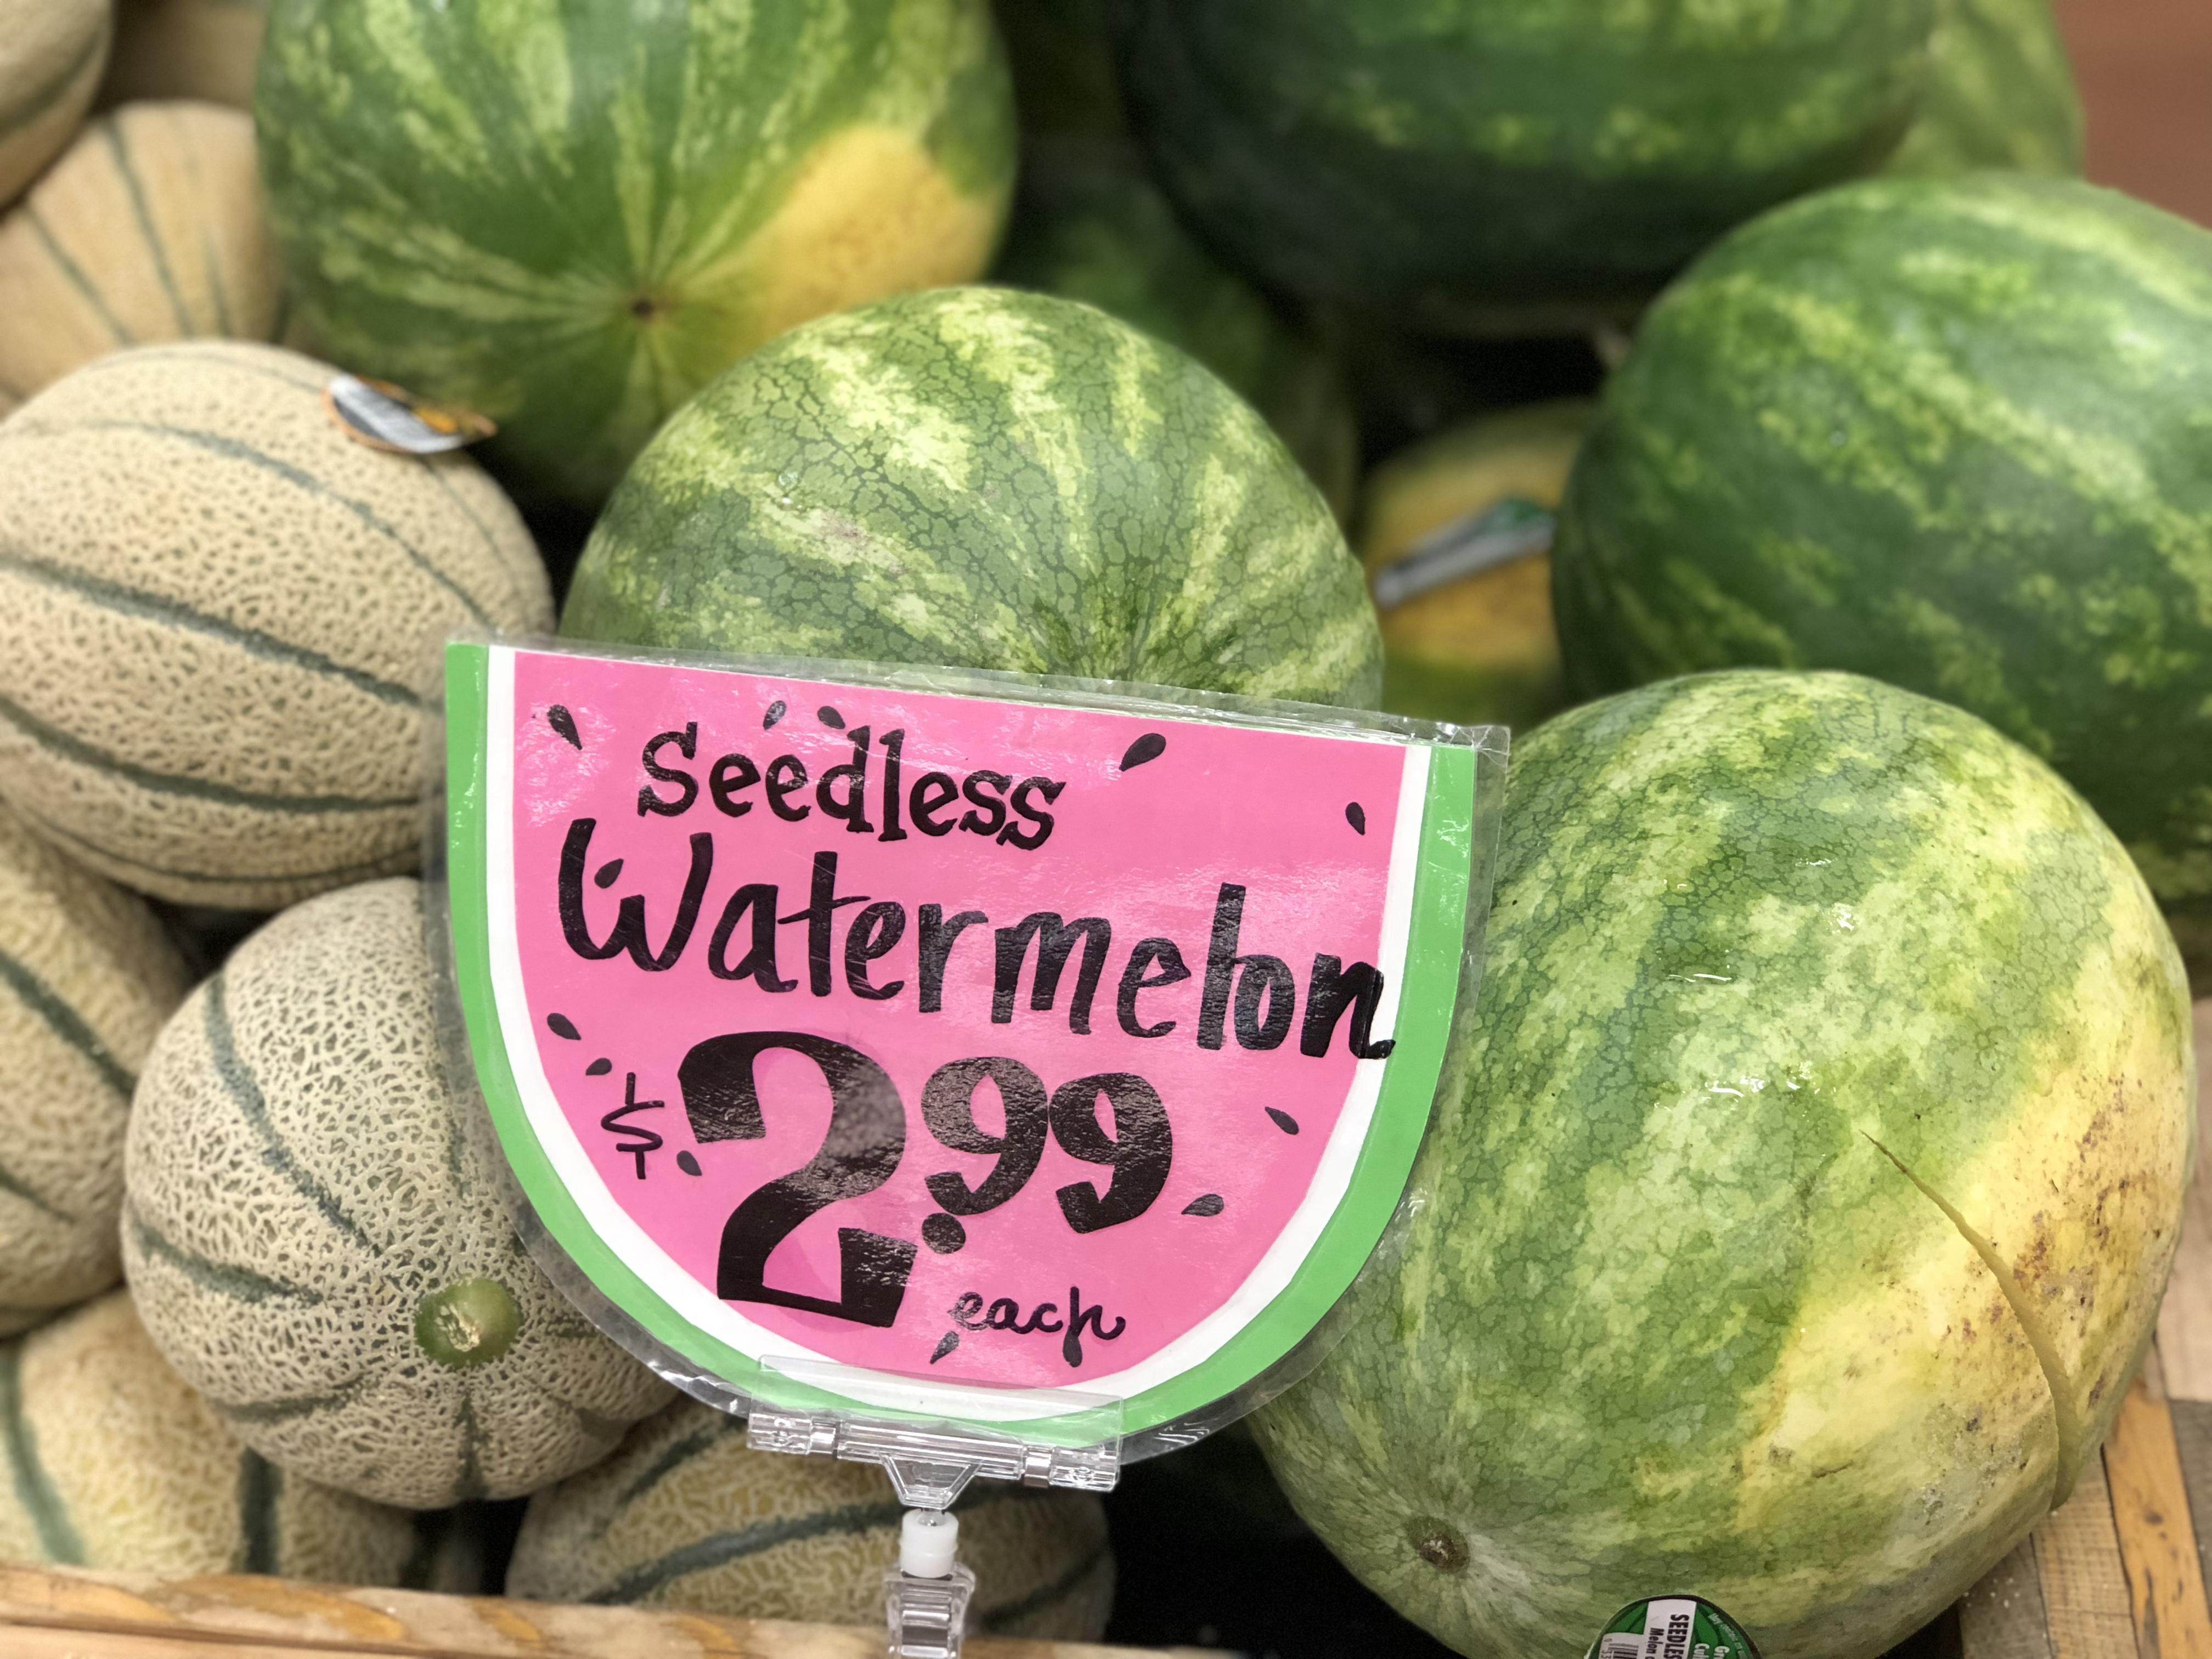 trader joes deals – seedless watermelon